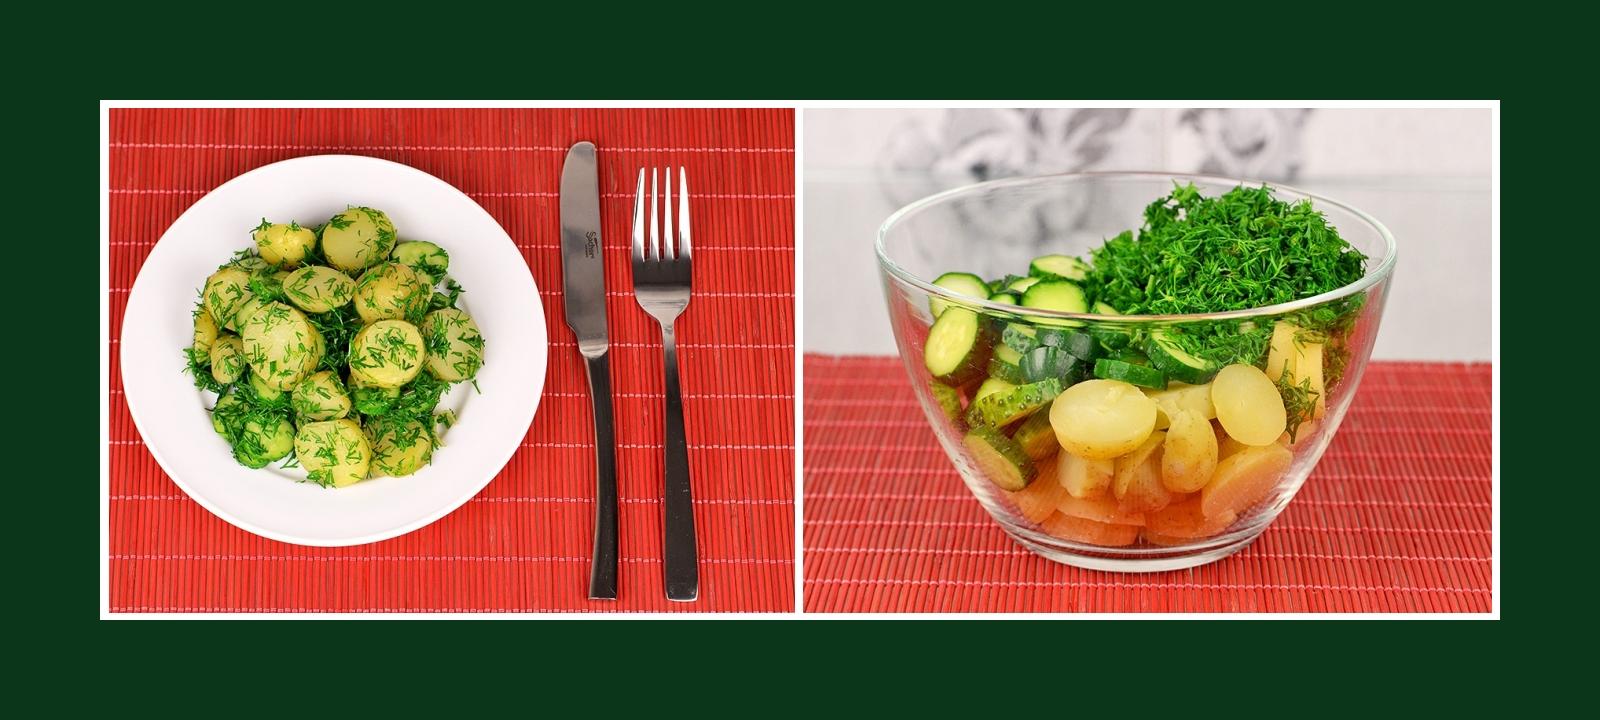 Beilage aus Kochkartoffeln, Gurken und Dill